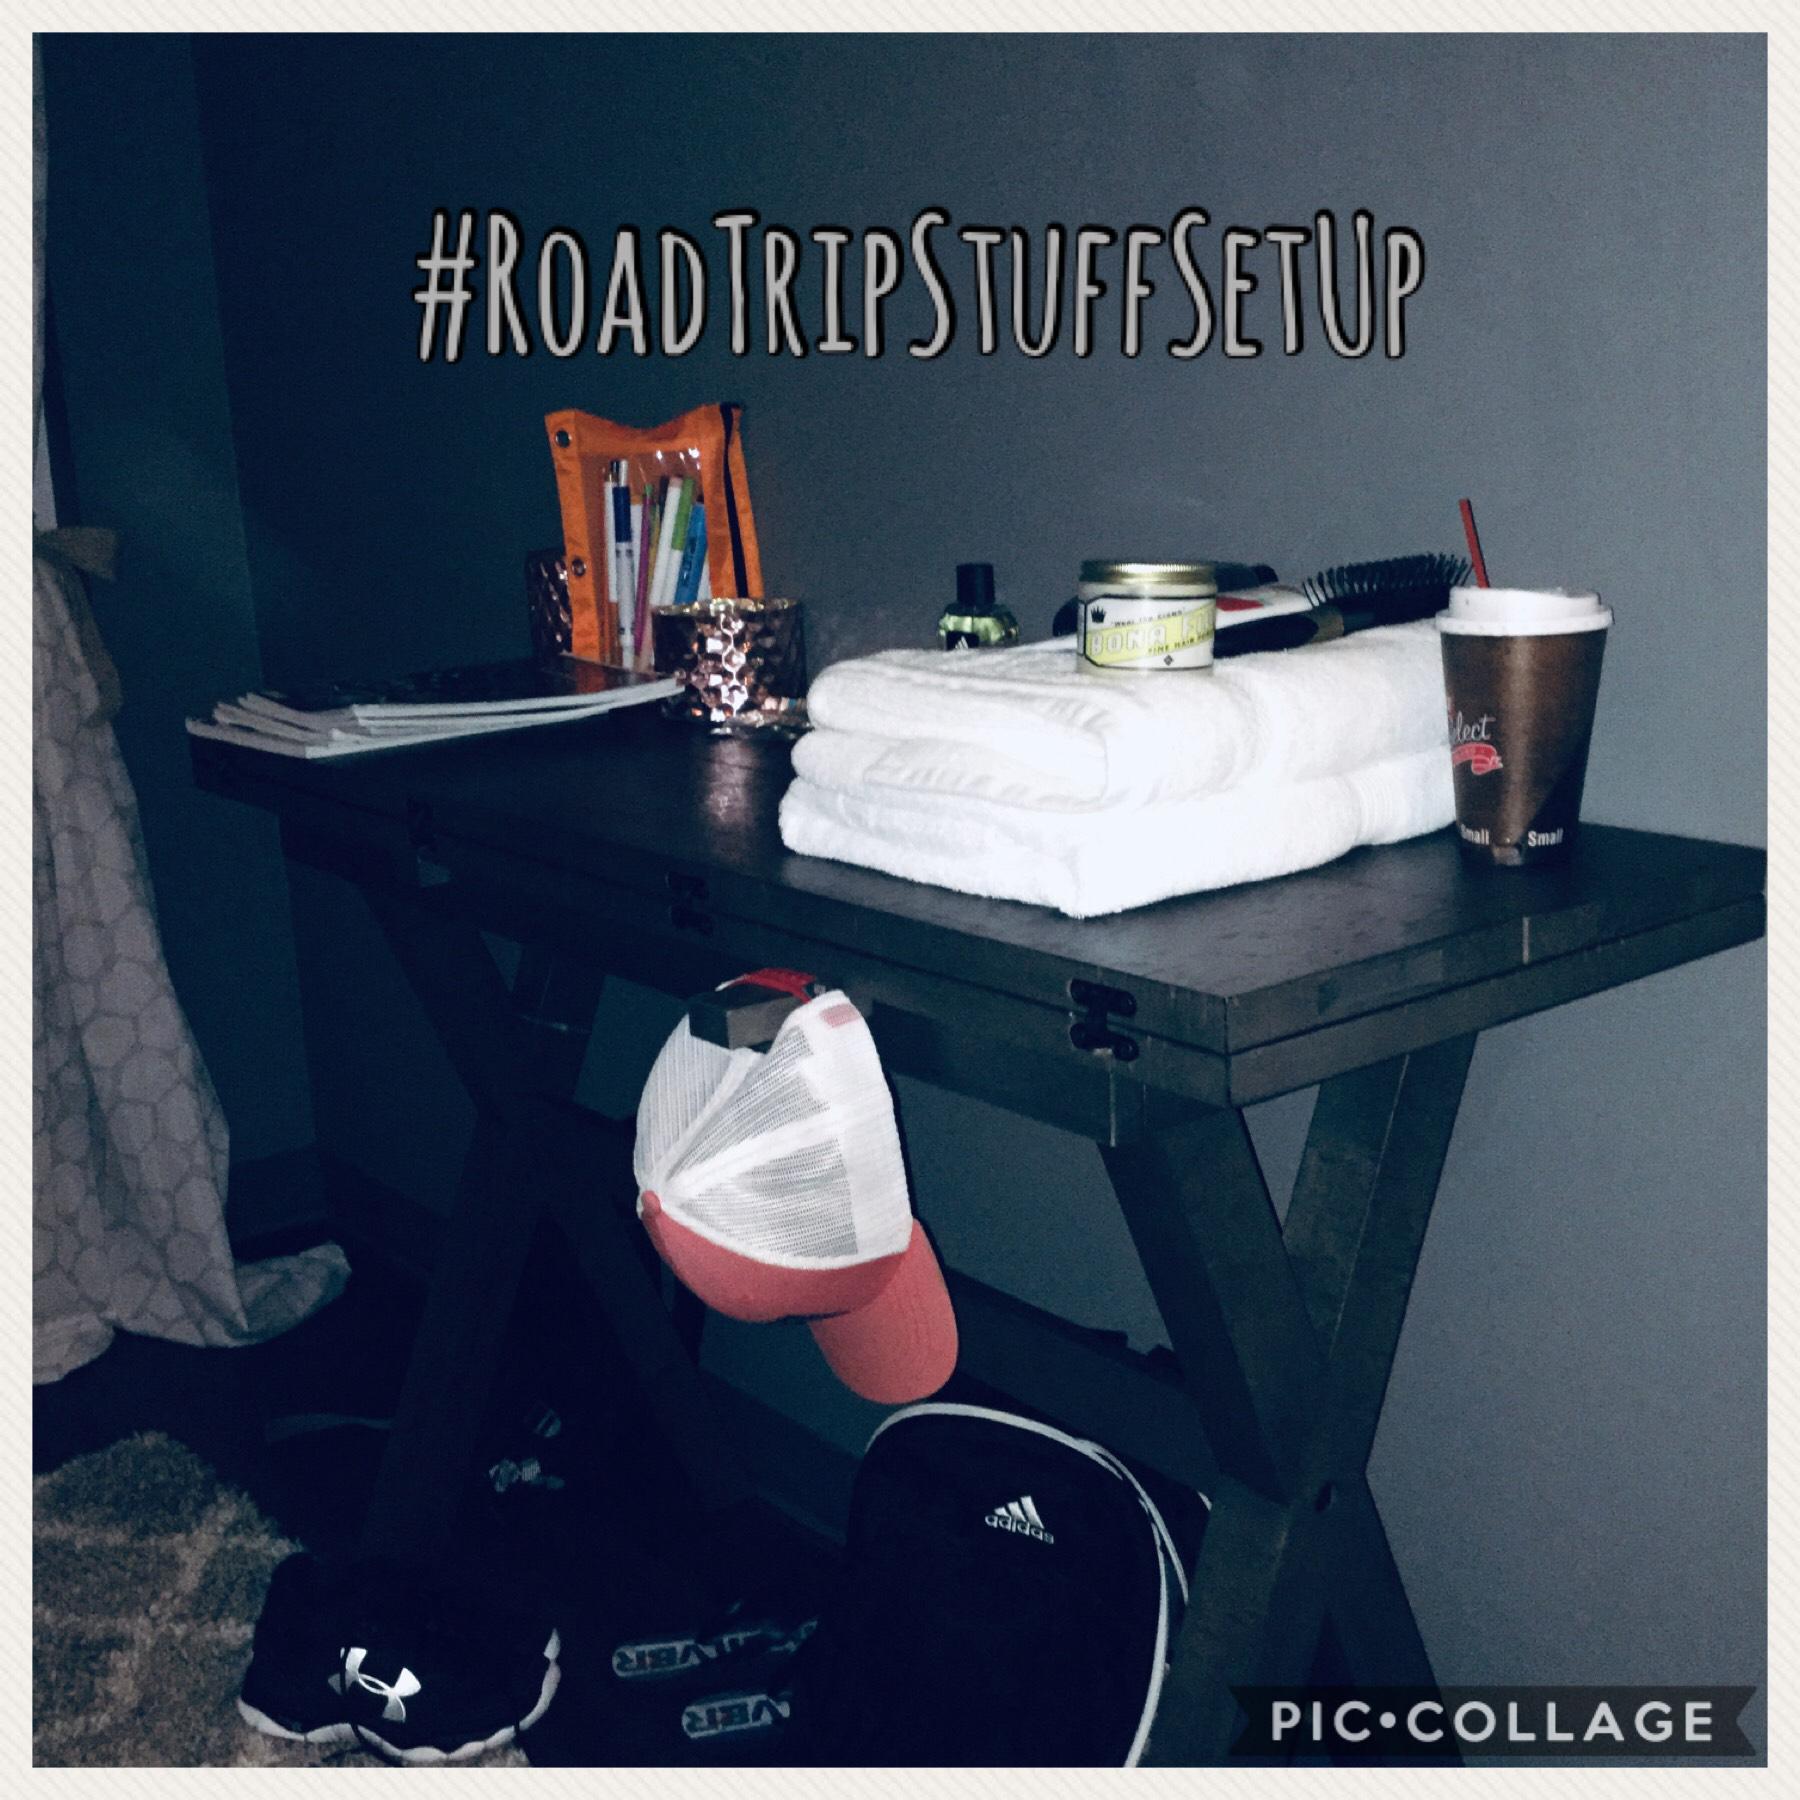 #RoadTripStuffSetUp